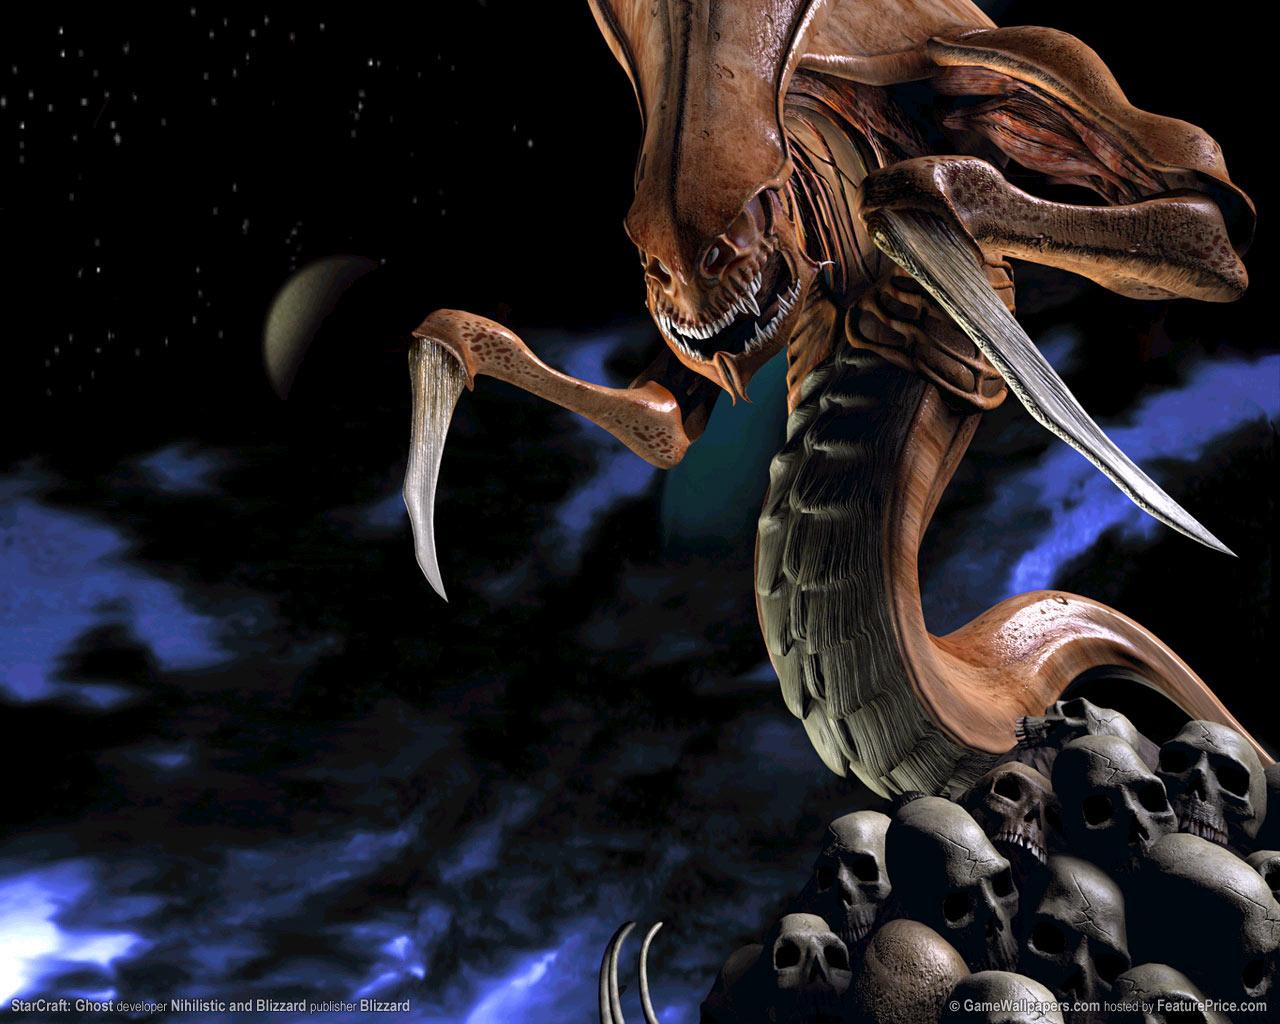 Fond d'écran réalisé par Blizzard (1280x1024)